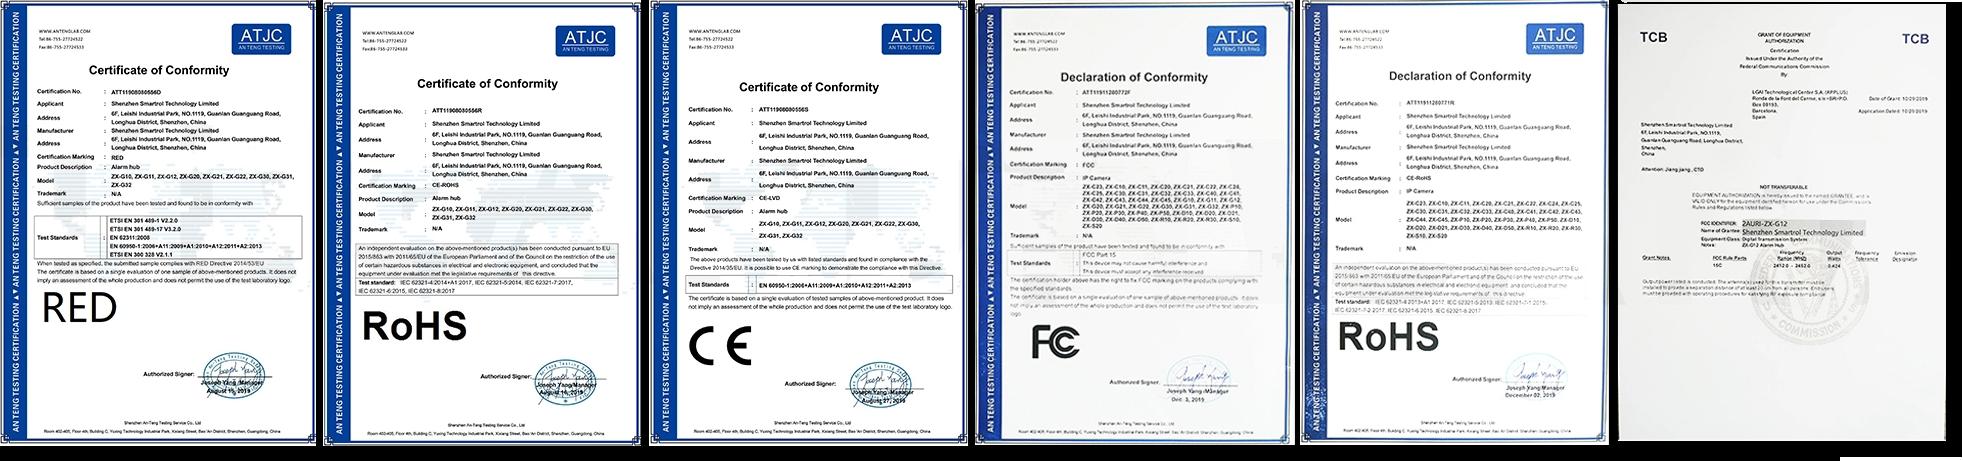 Беспроводная WIFI сигнализация SH-010W имеет международные сертификаты качества